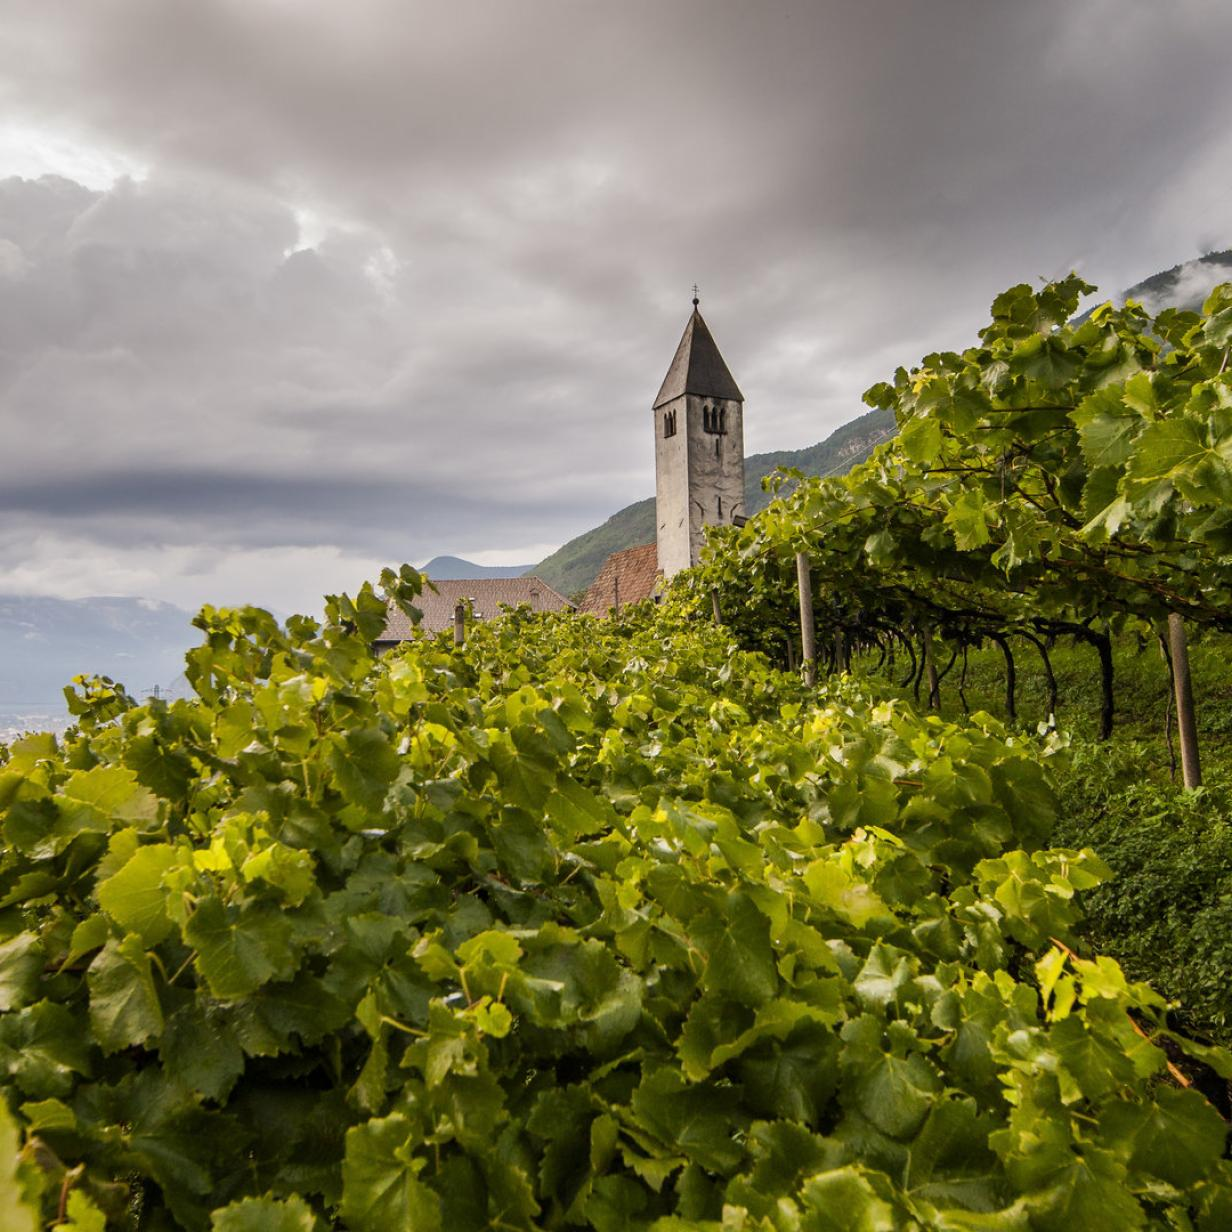 Zwischen Trauben und Lauben: Herbstsonne und Törggelen in Bozen